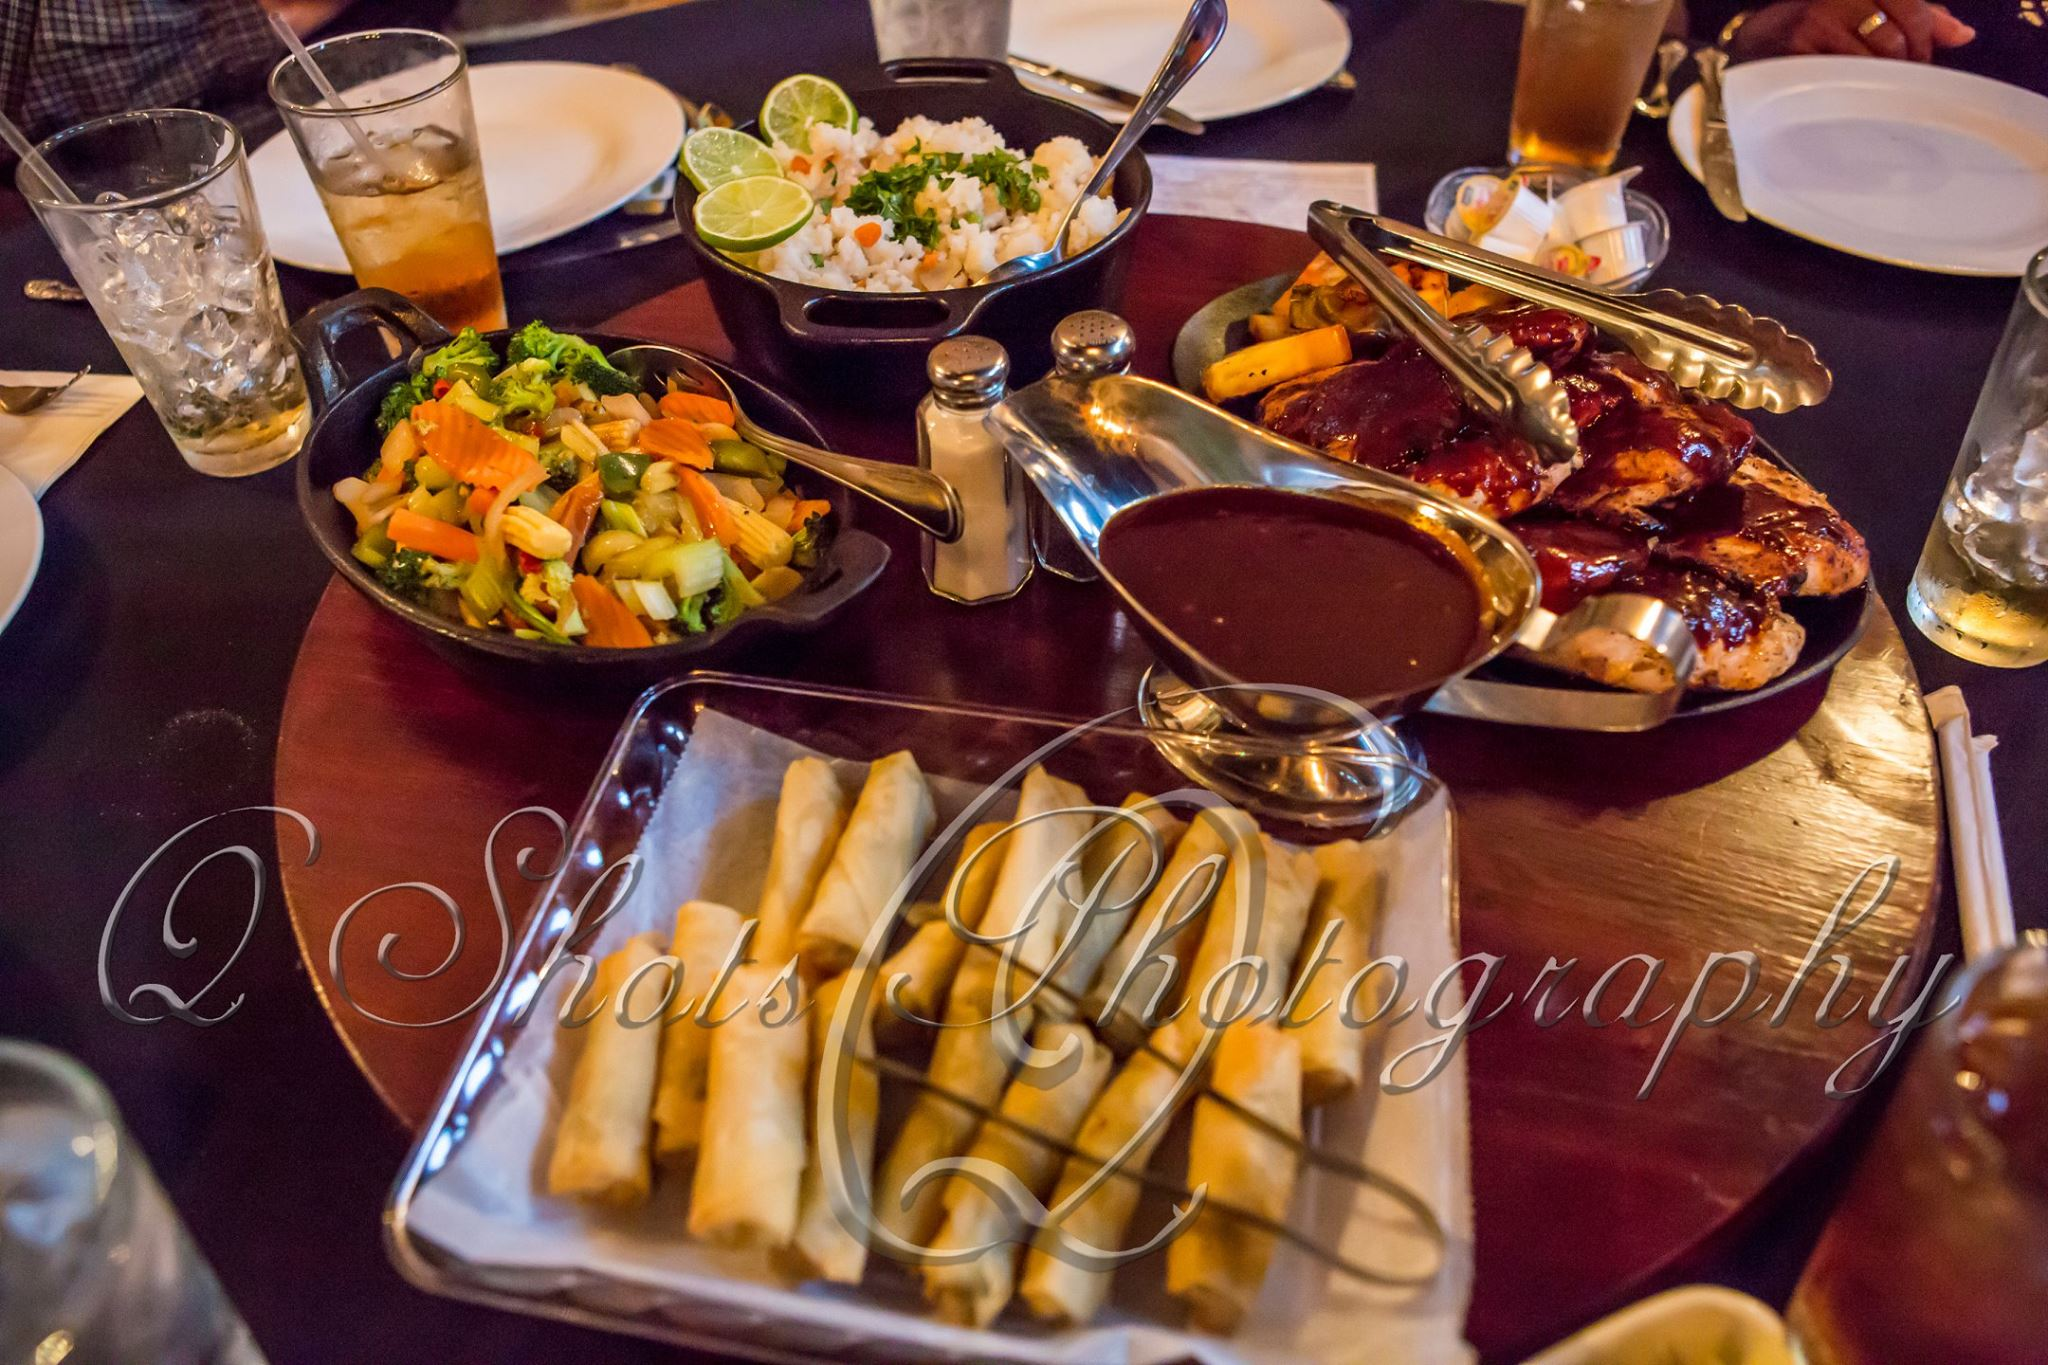 SouthernBroadway_DinnerTheater_AnEveningAtTheCopa_TheMeal.jpg